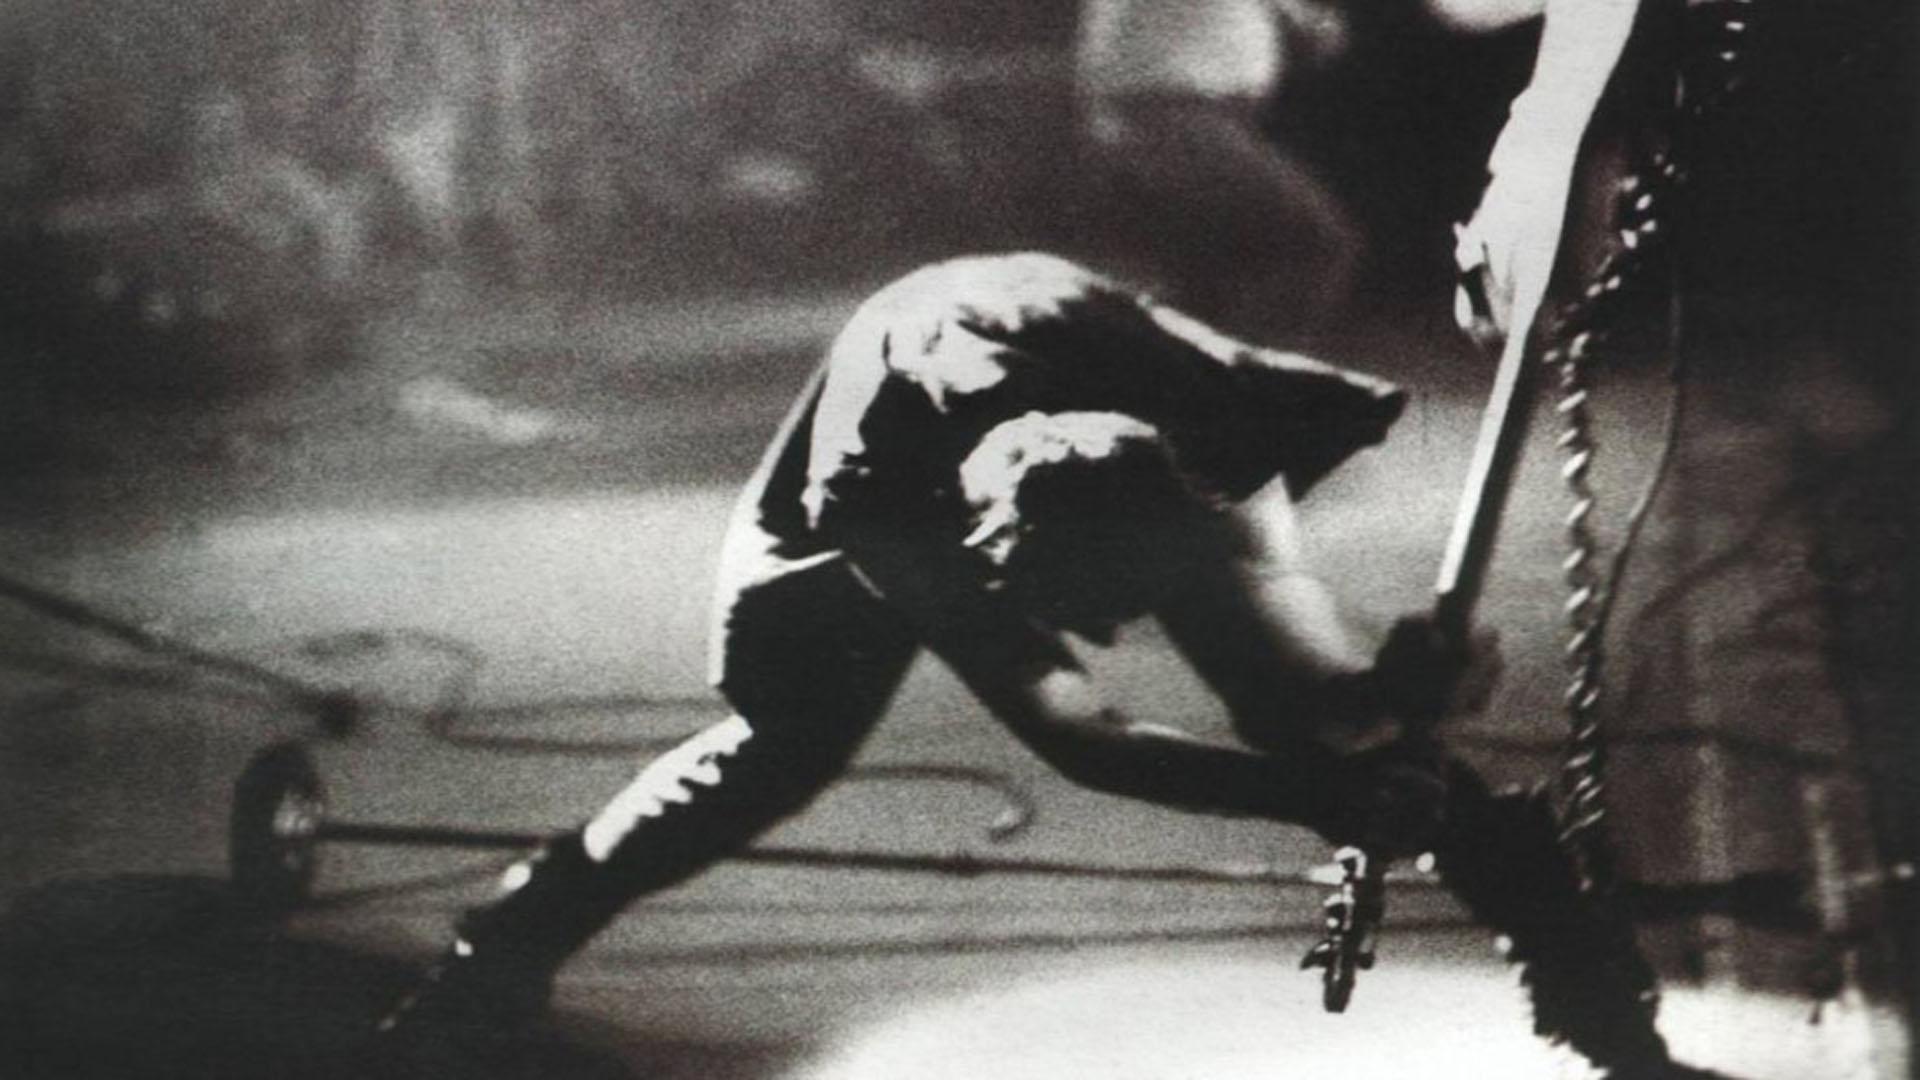 Paul Simonon de The Clash golpeando su bajo contra el escenario en un show